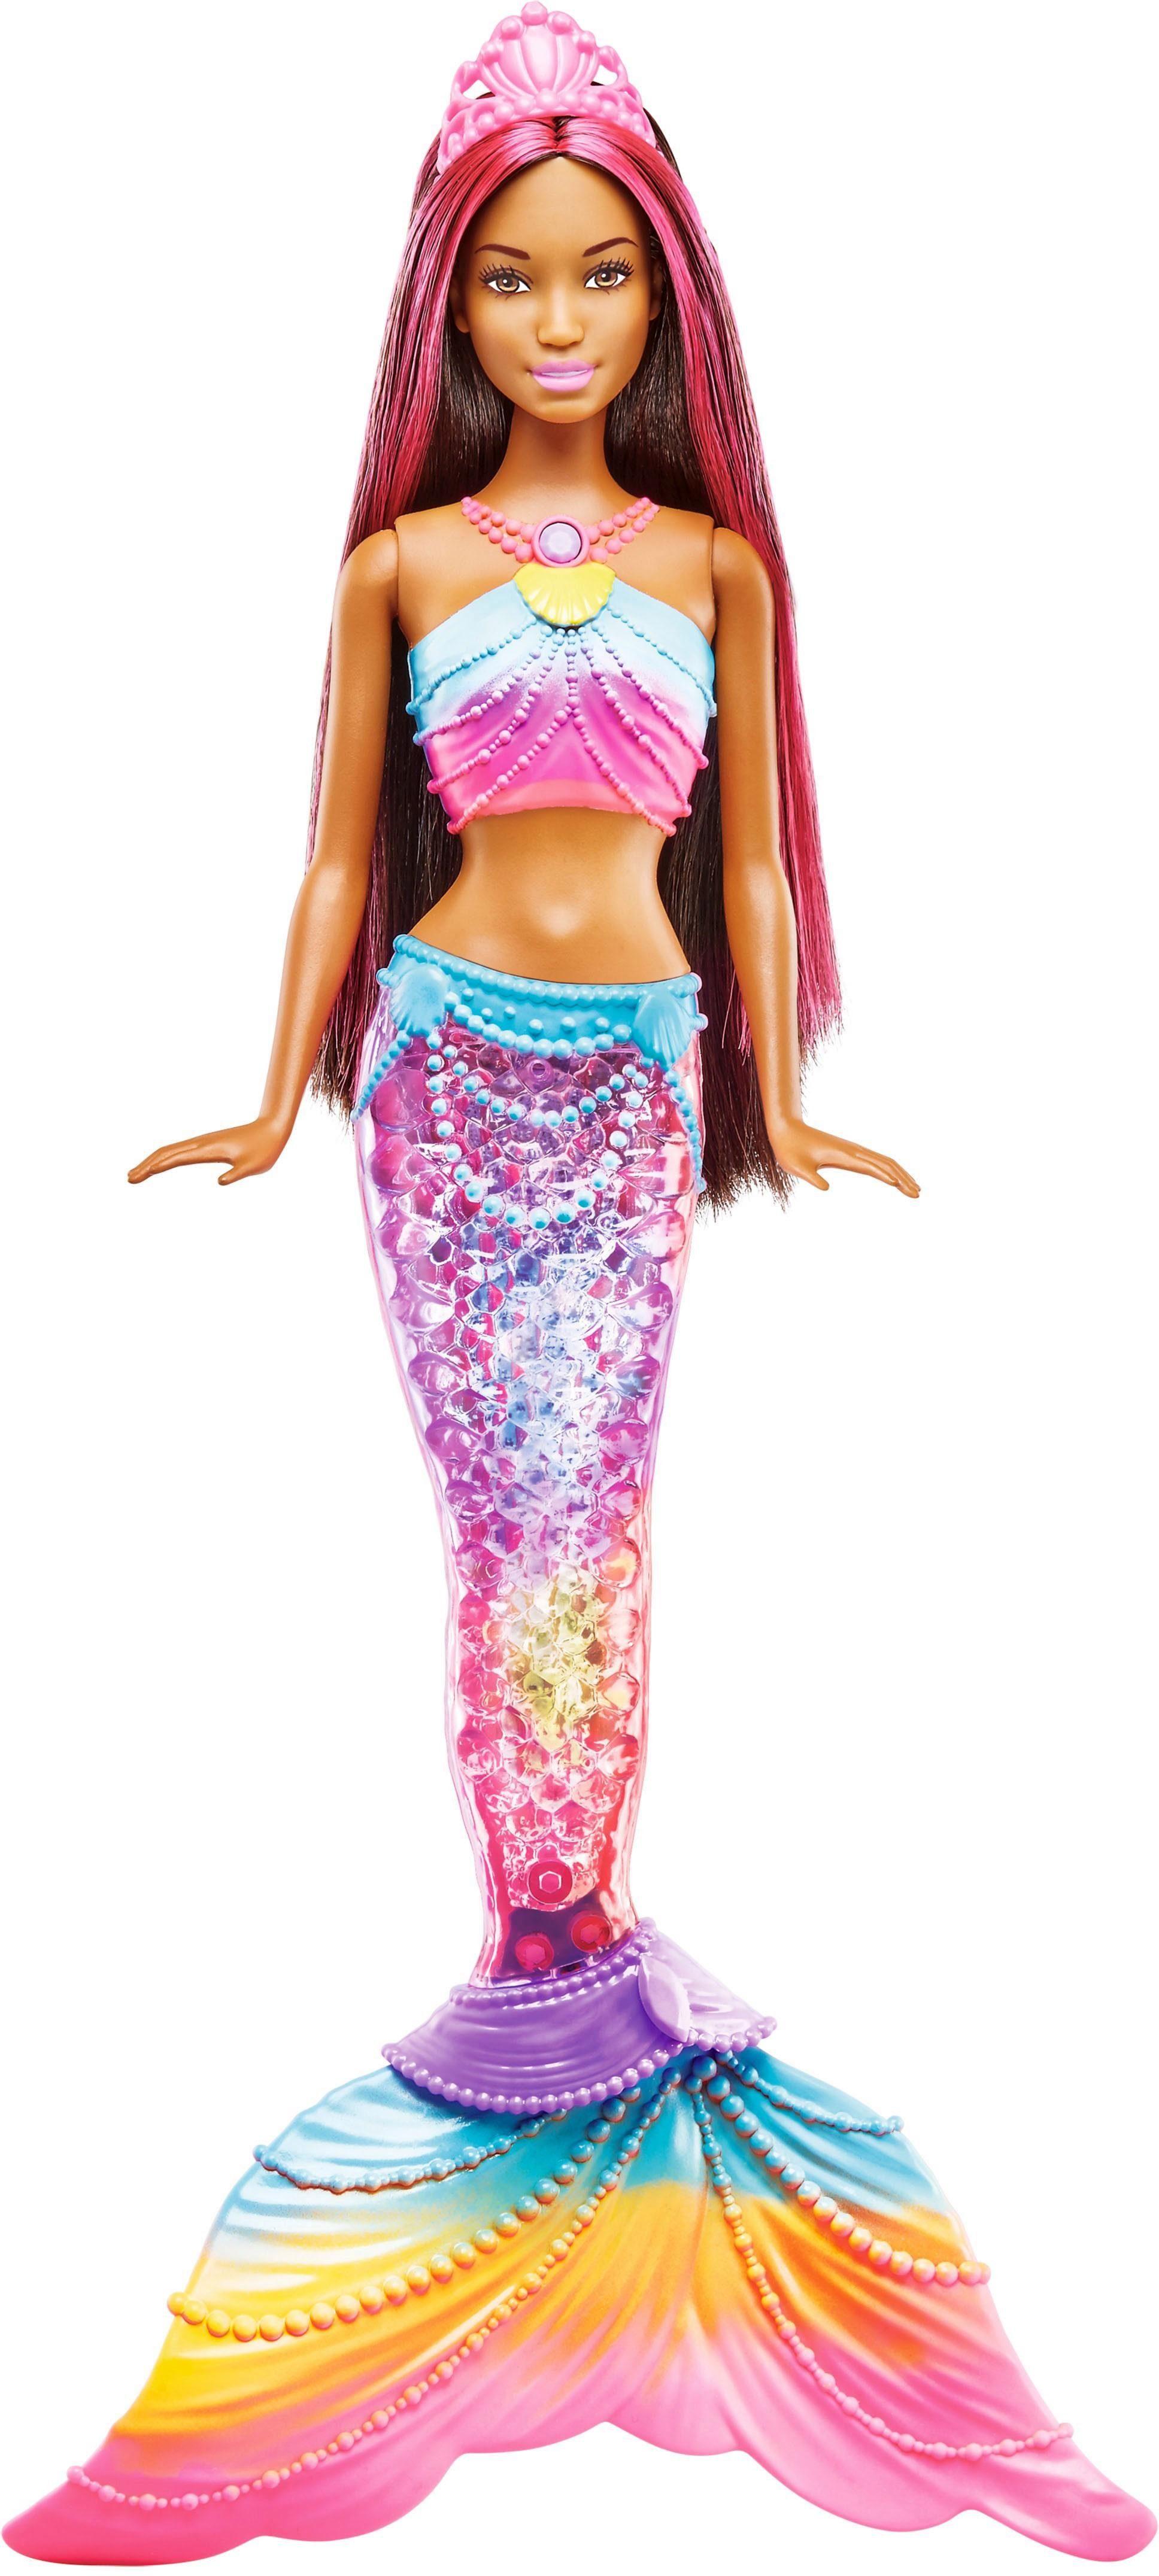 Mattel Puppe, »Barbie Dreamtopia Regenbogenlicht-Meerjungfrau Puppe brünett«